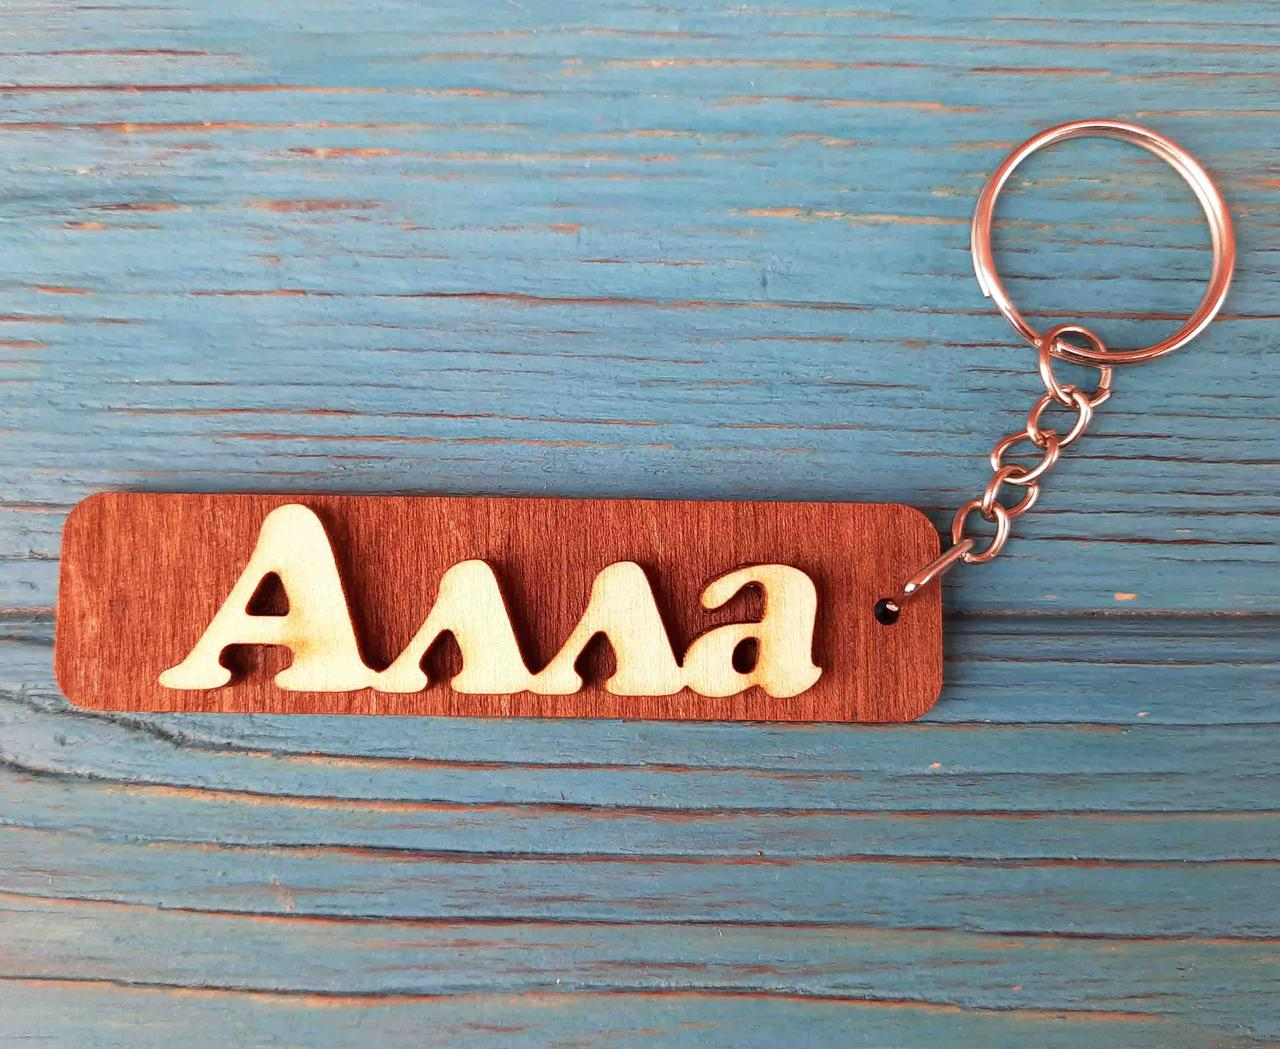 Брелок іменний Алла. Брелок з ім'ям Алла. Брелок дерев'яний. Брелок для ключів. Брелоки з іменами